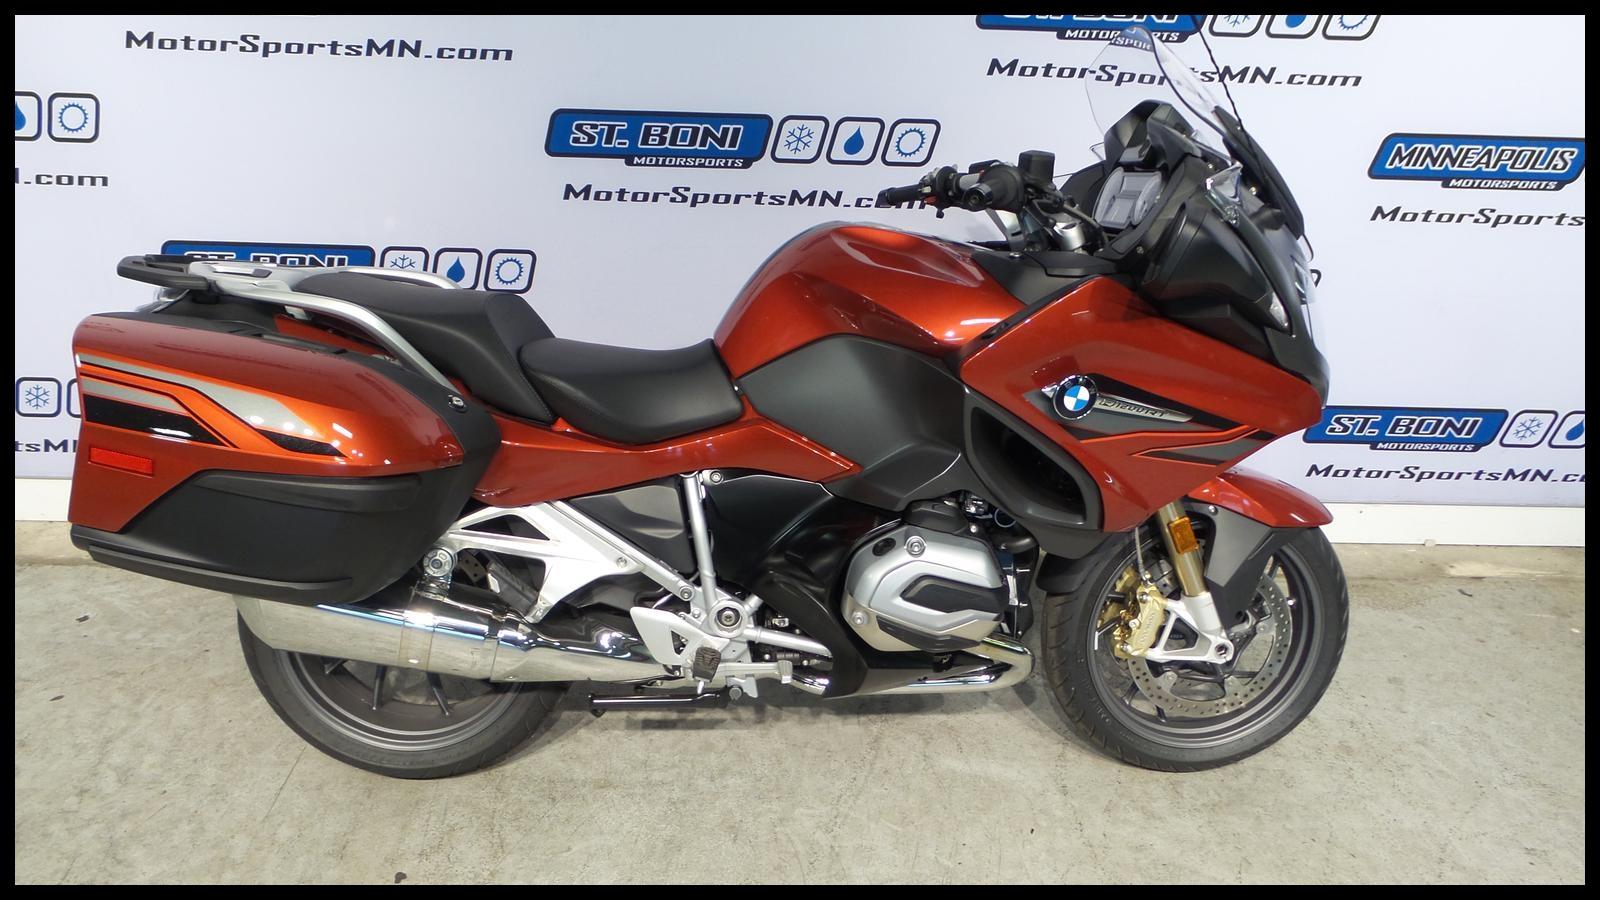 2018 BMW R1200RT for sale in Minneapolis MN Minneapolis Motor Sports Minneapolis MN 844 334 9838